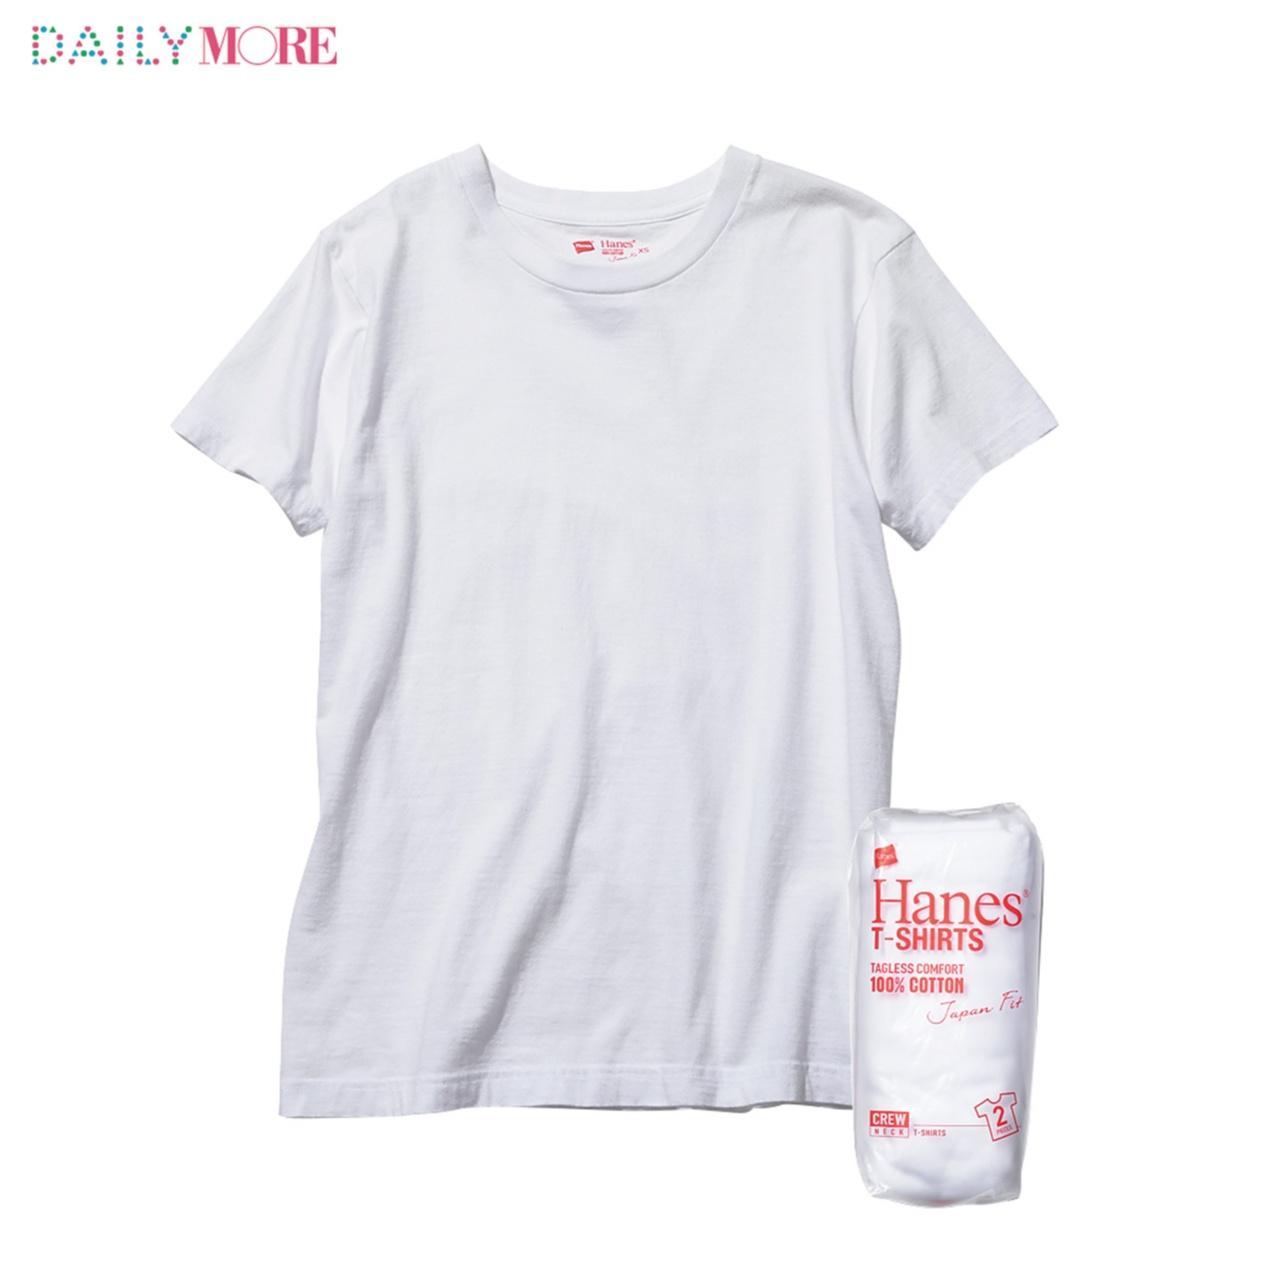 【4つのパックTを、ちくちく比べてみた!】おしゃれな人の溺愛白Tシャツ「ヘインズ」大解剖!_2_1